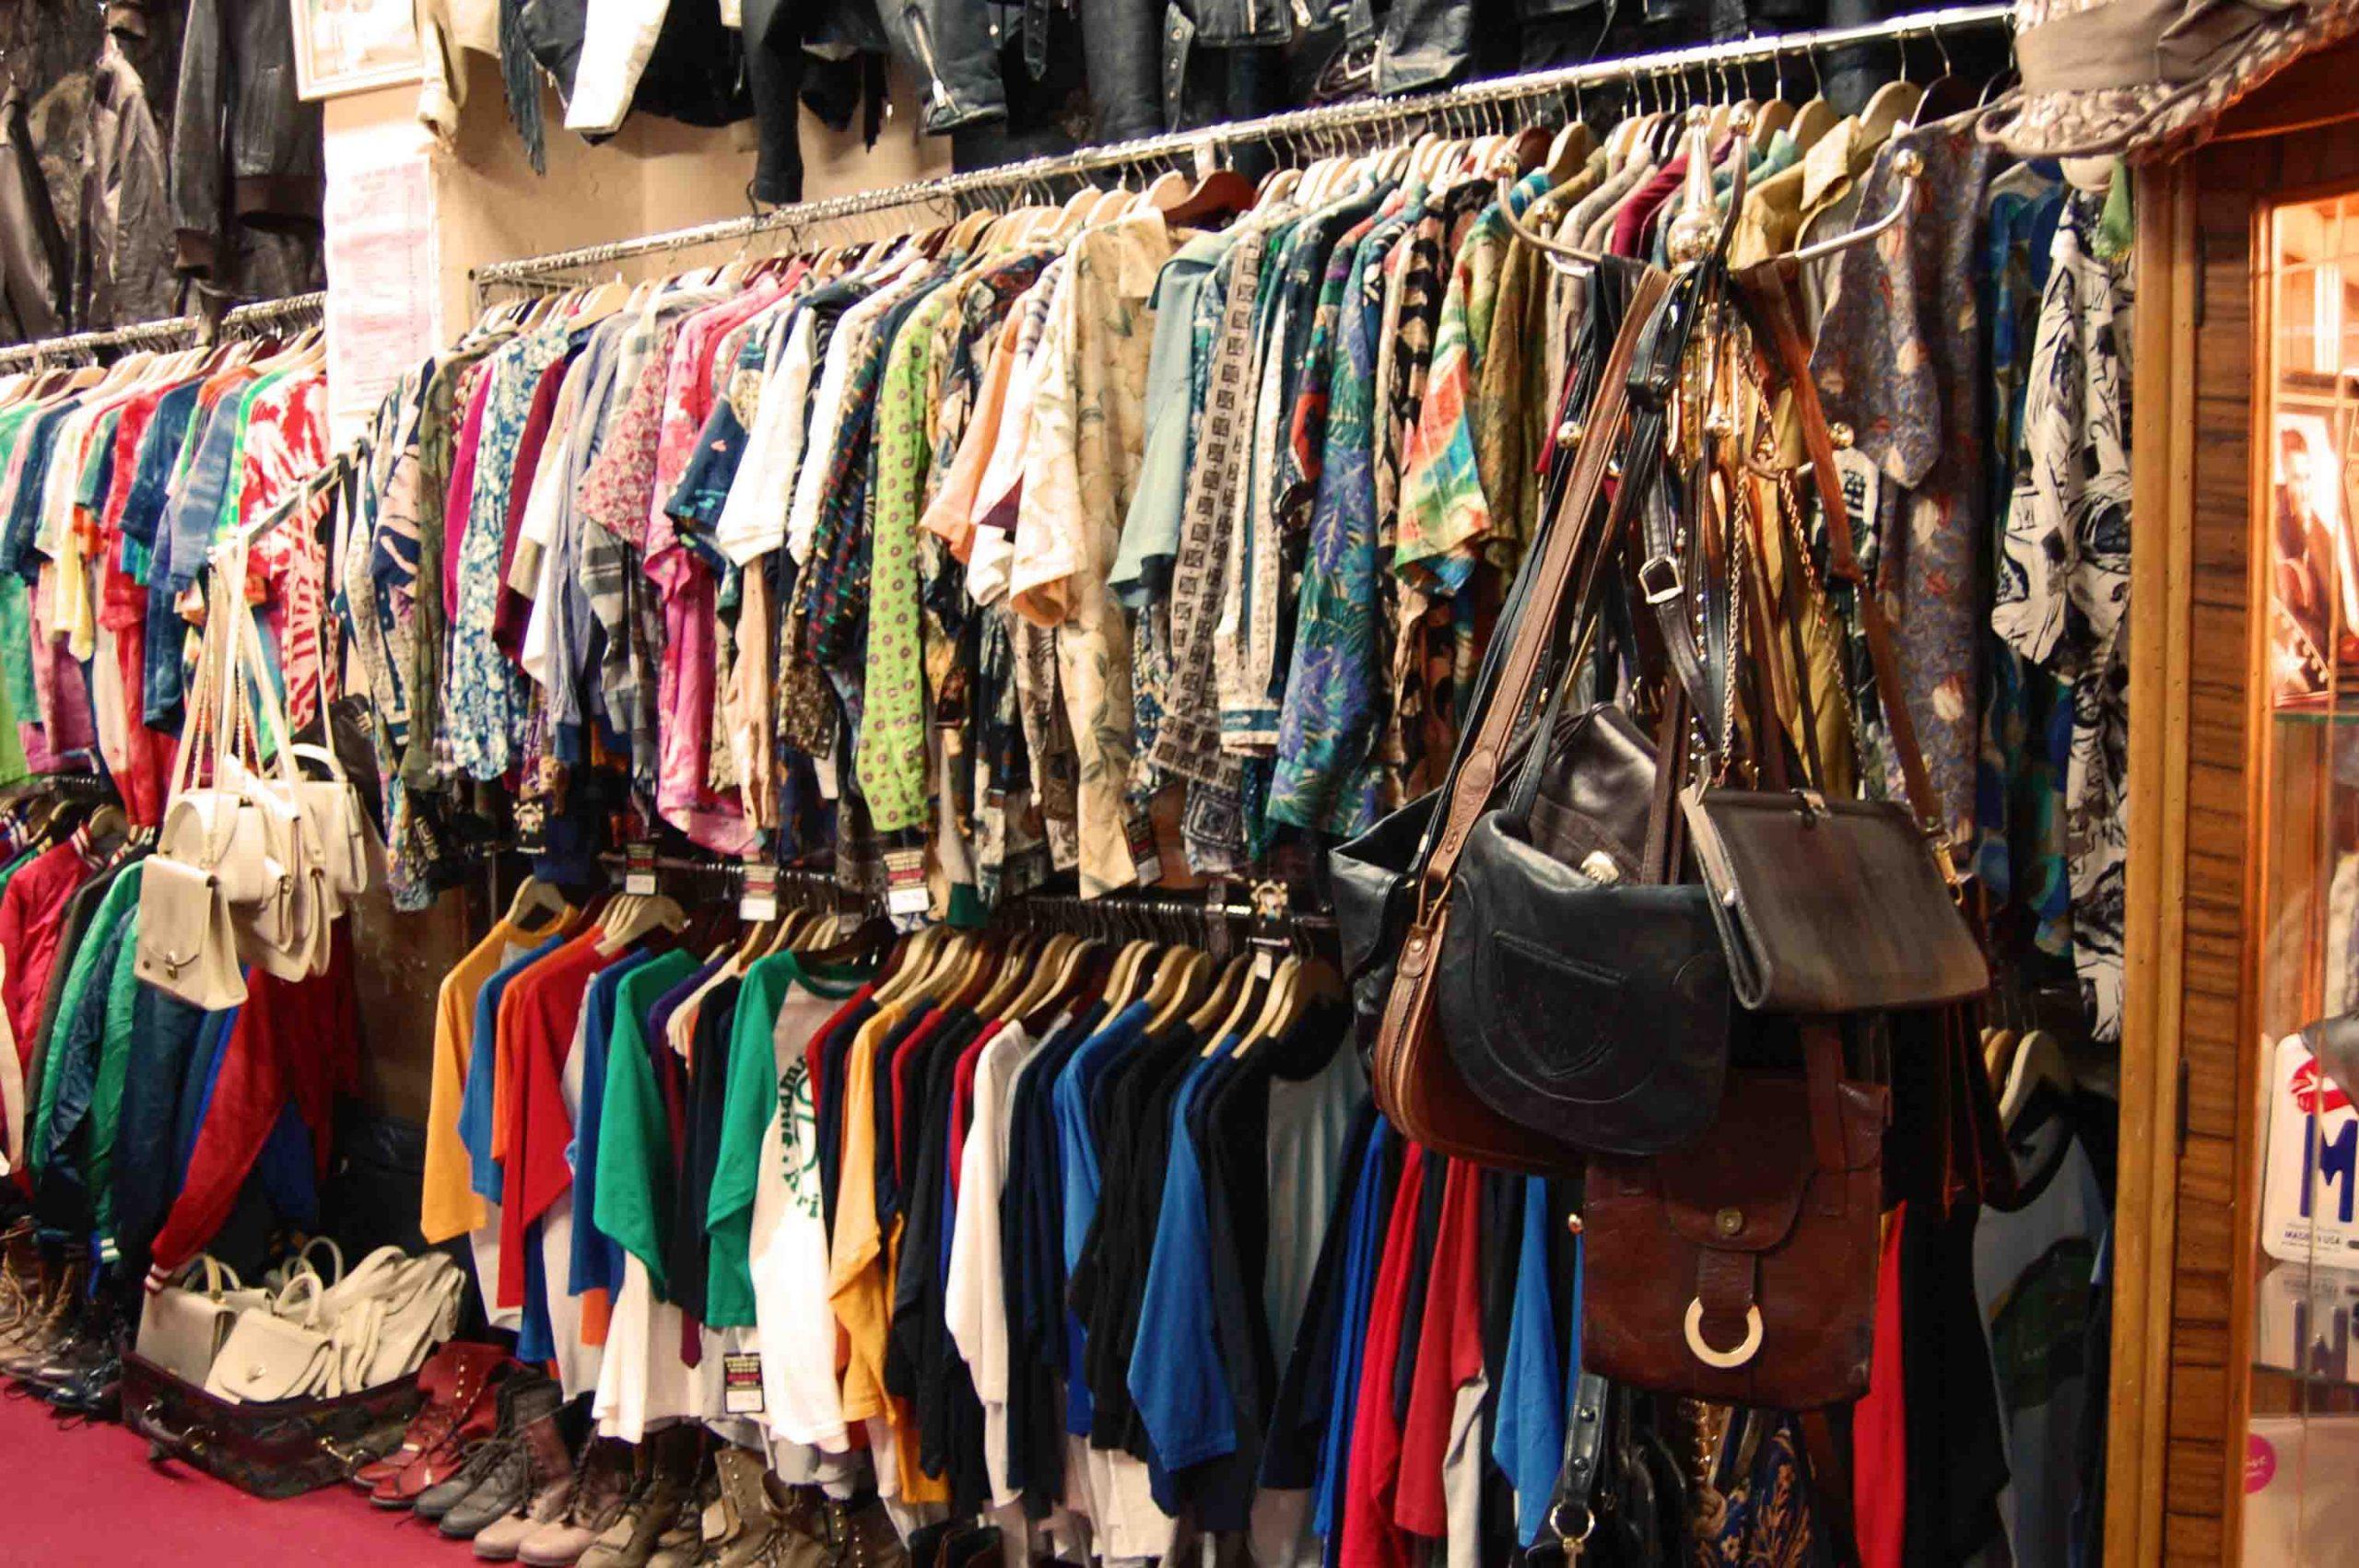 Bán quần áo second hand là cách kiếm tiền nhanh cho các bạn đam mê thời trang